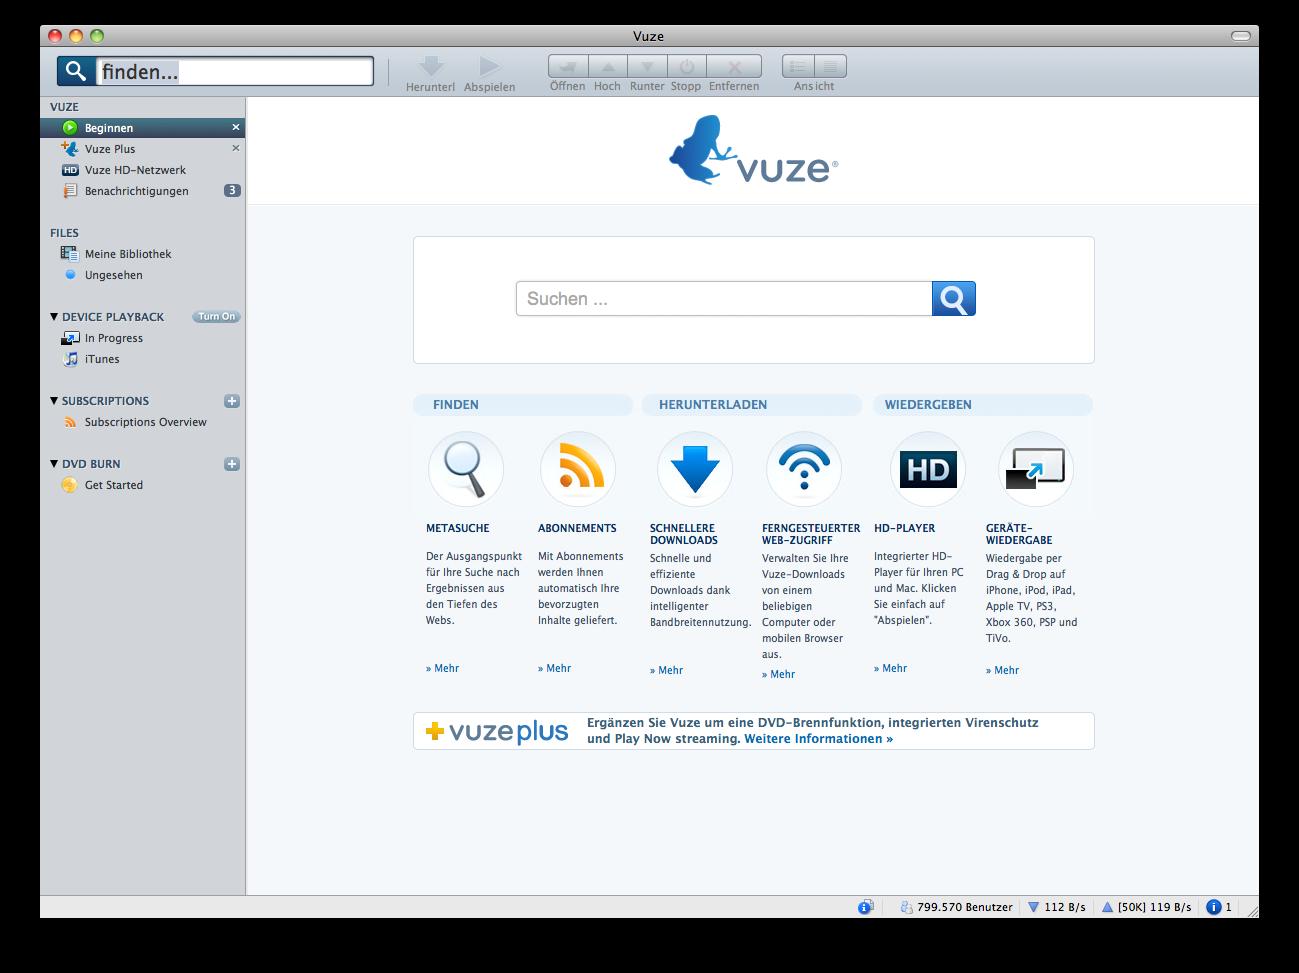 03-Tauschboersen-vorgestellt-Torrent-Client-Vuze-ehemals-Azureus-470.png?nocache=1319055756297